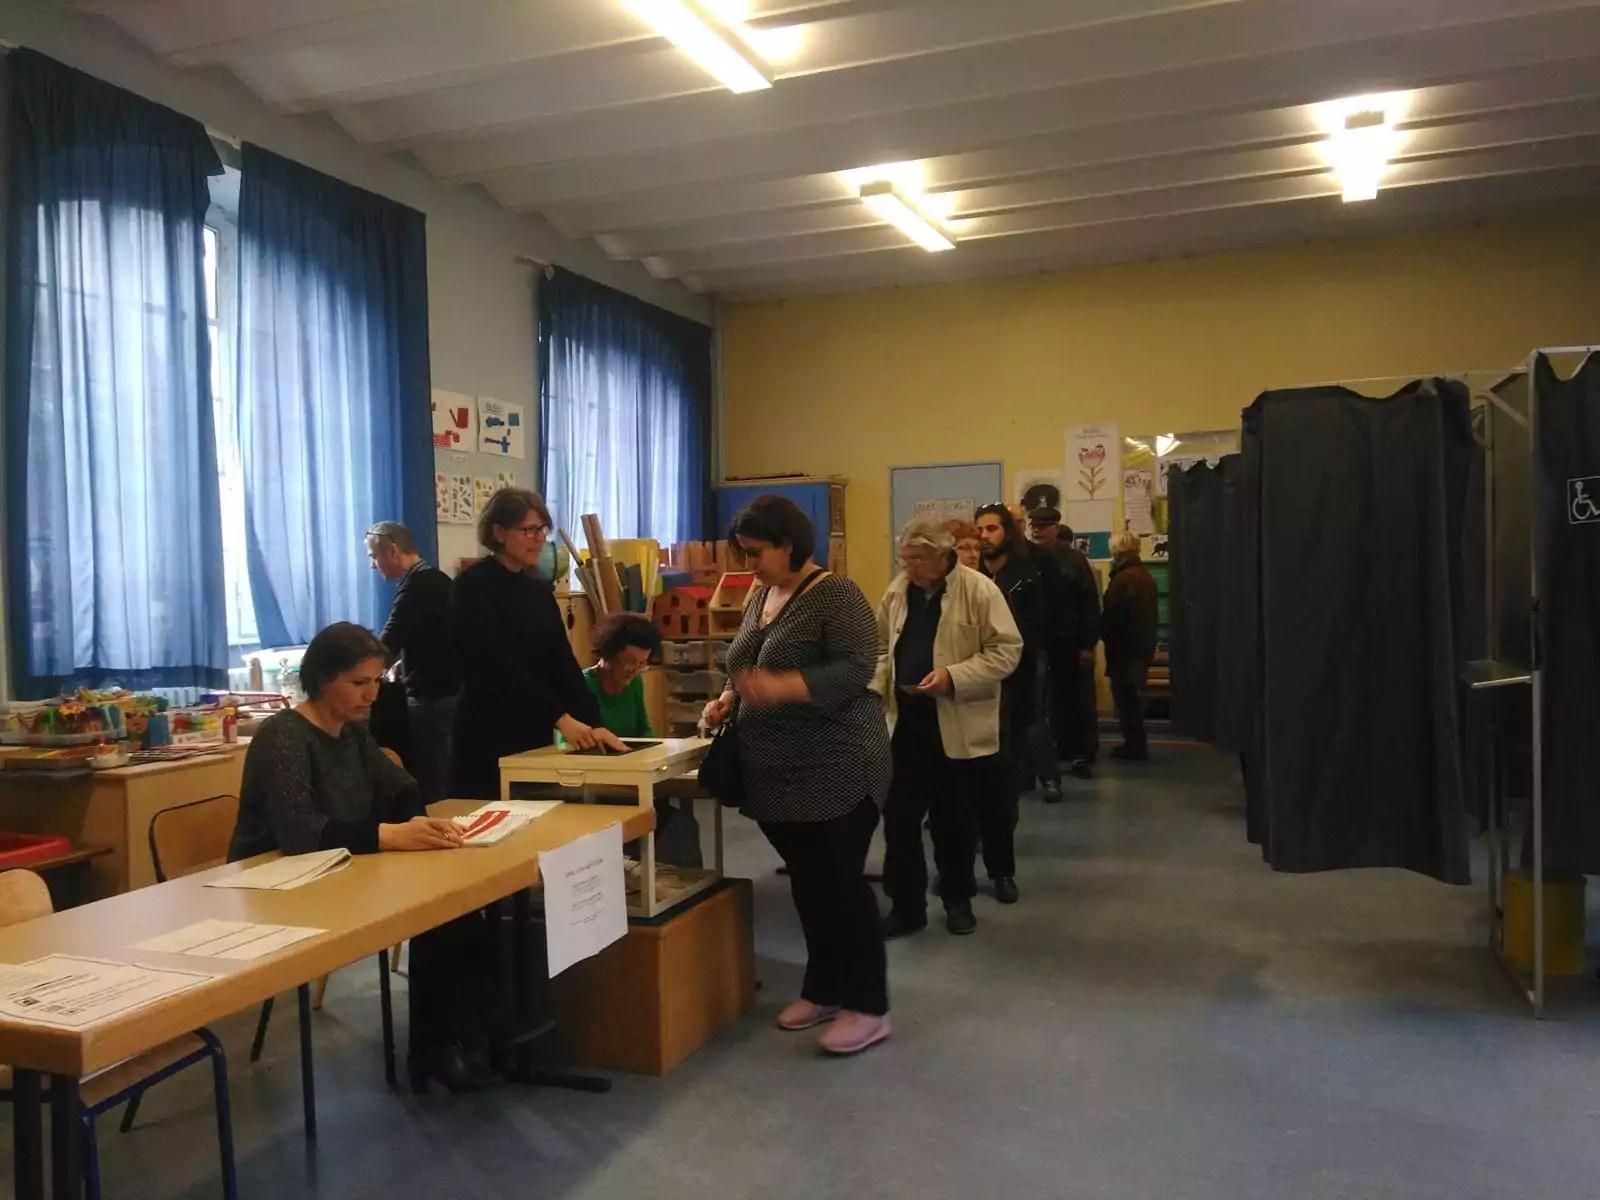 Deux bureaux de vote à strasbourg testent d autres modes de